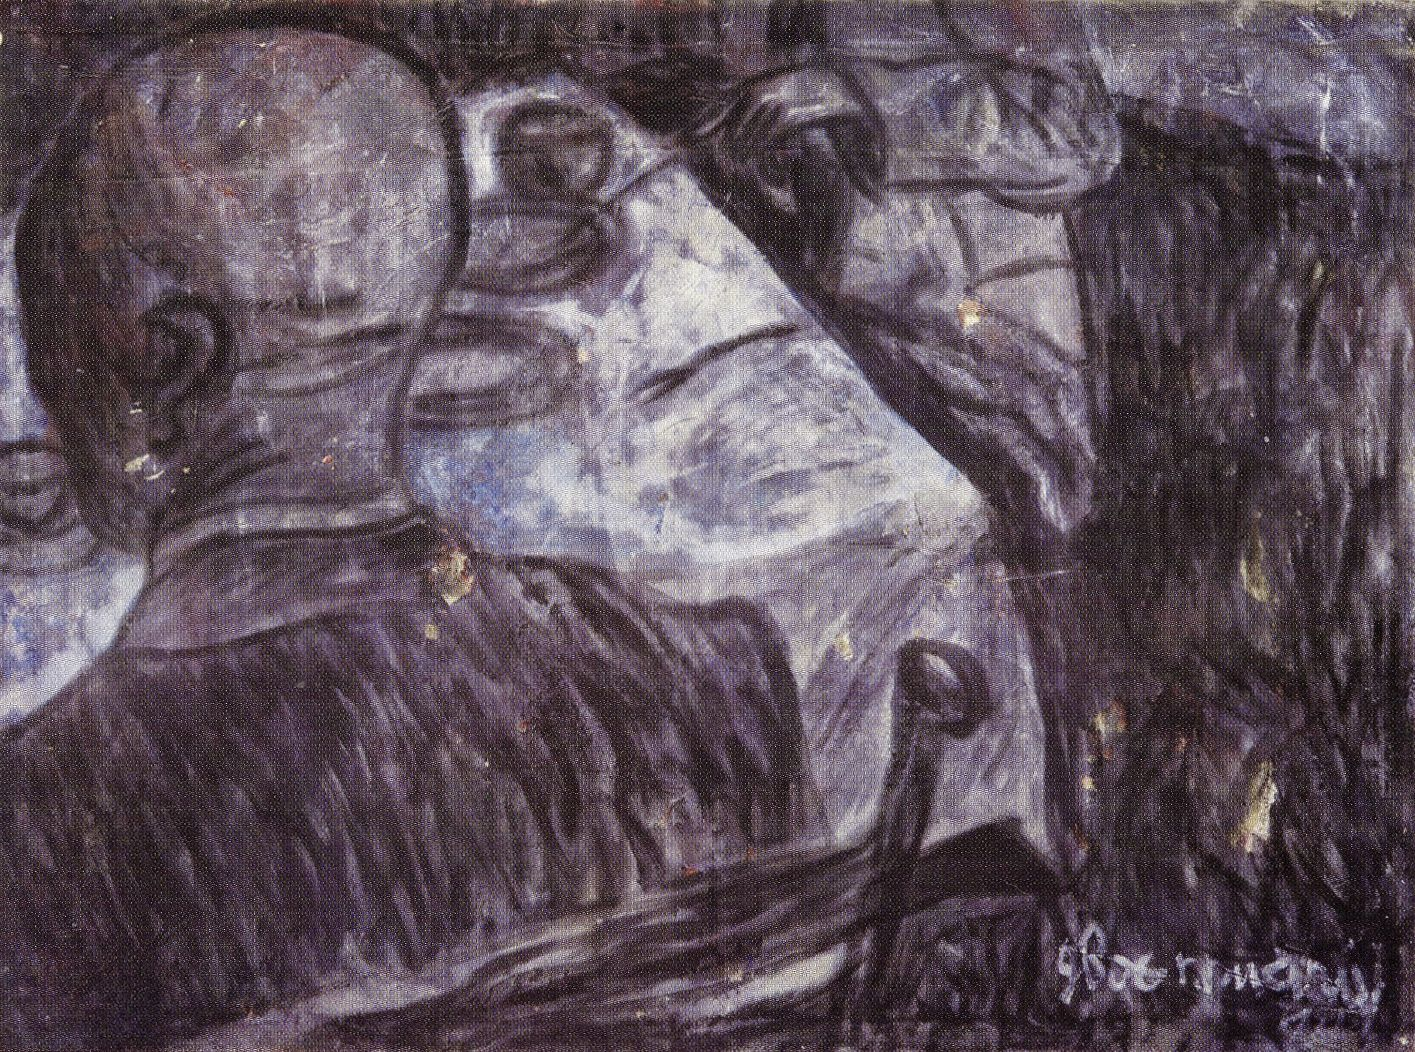 Андрій Сагайдаковський. Двоє при столі, 1993